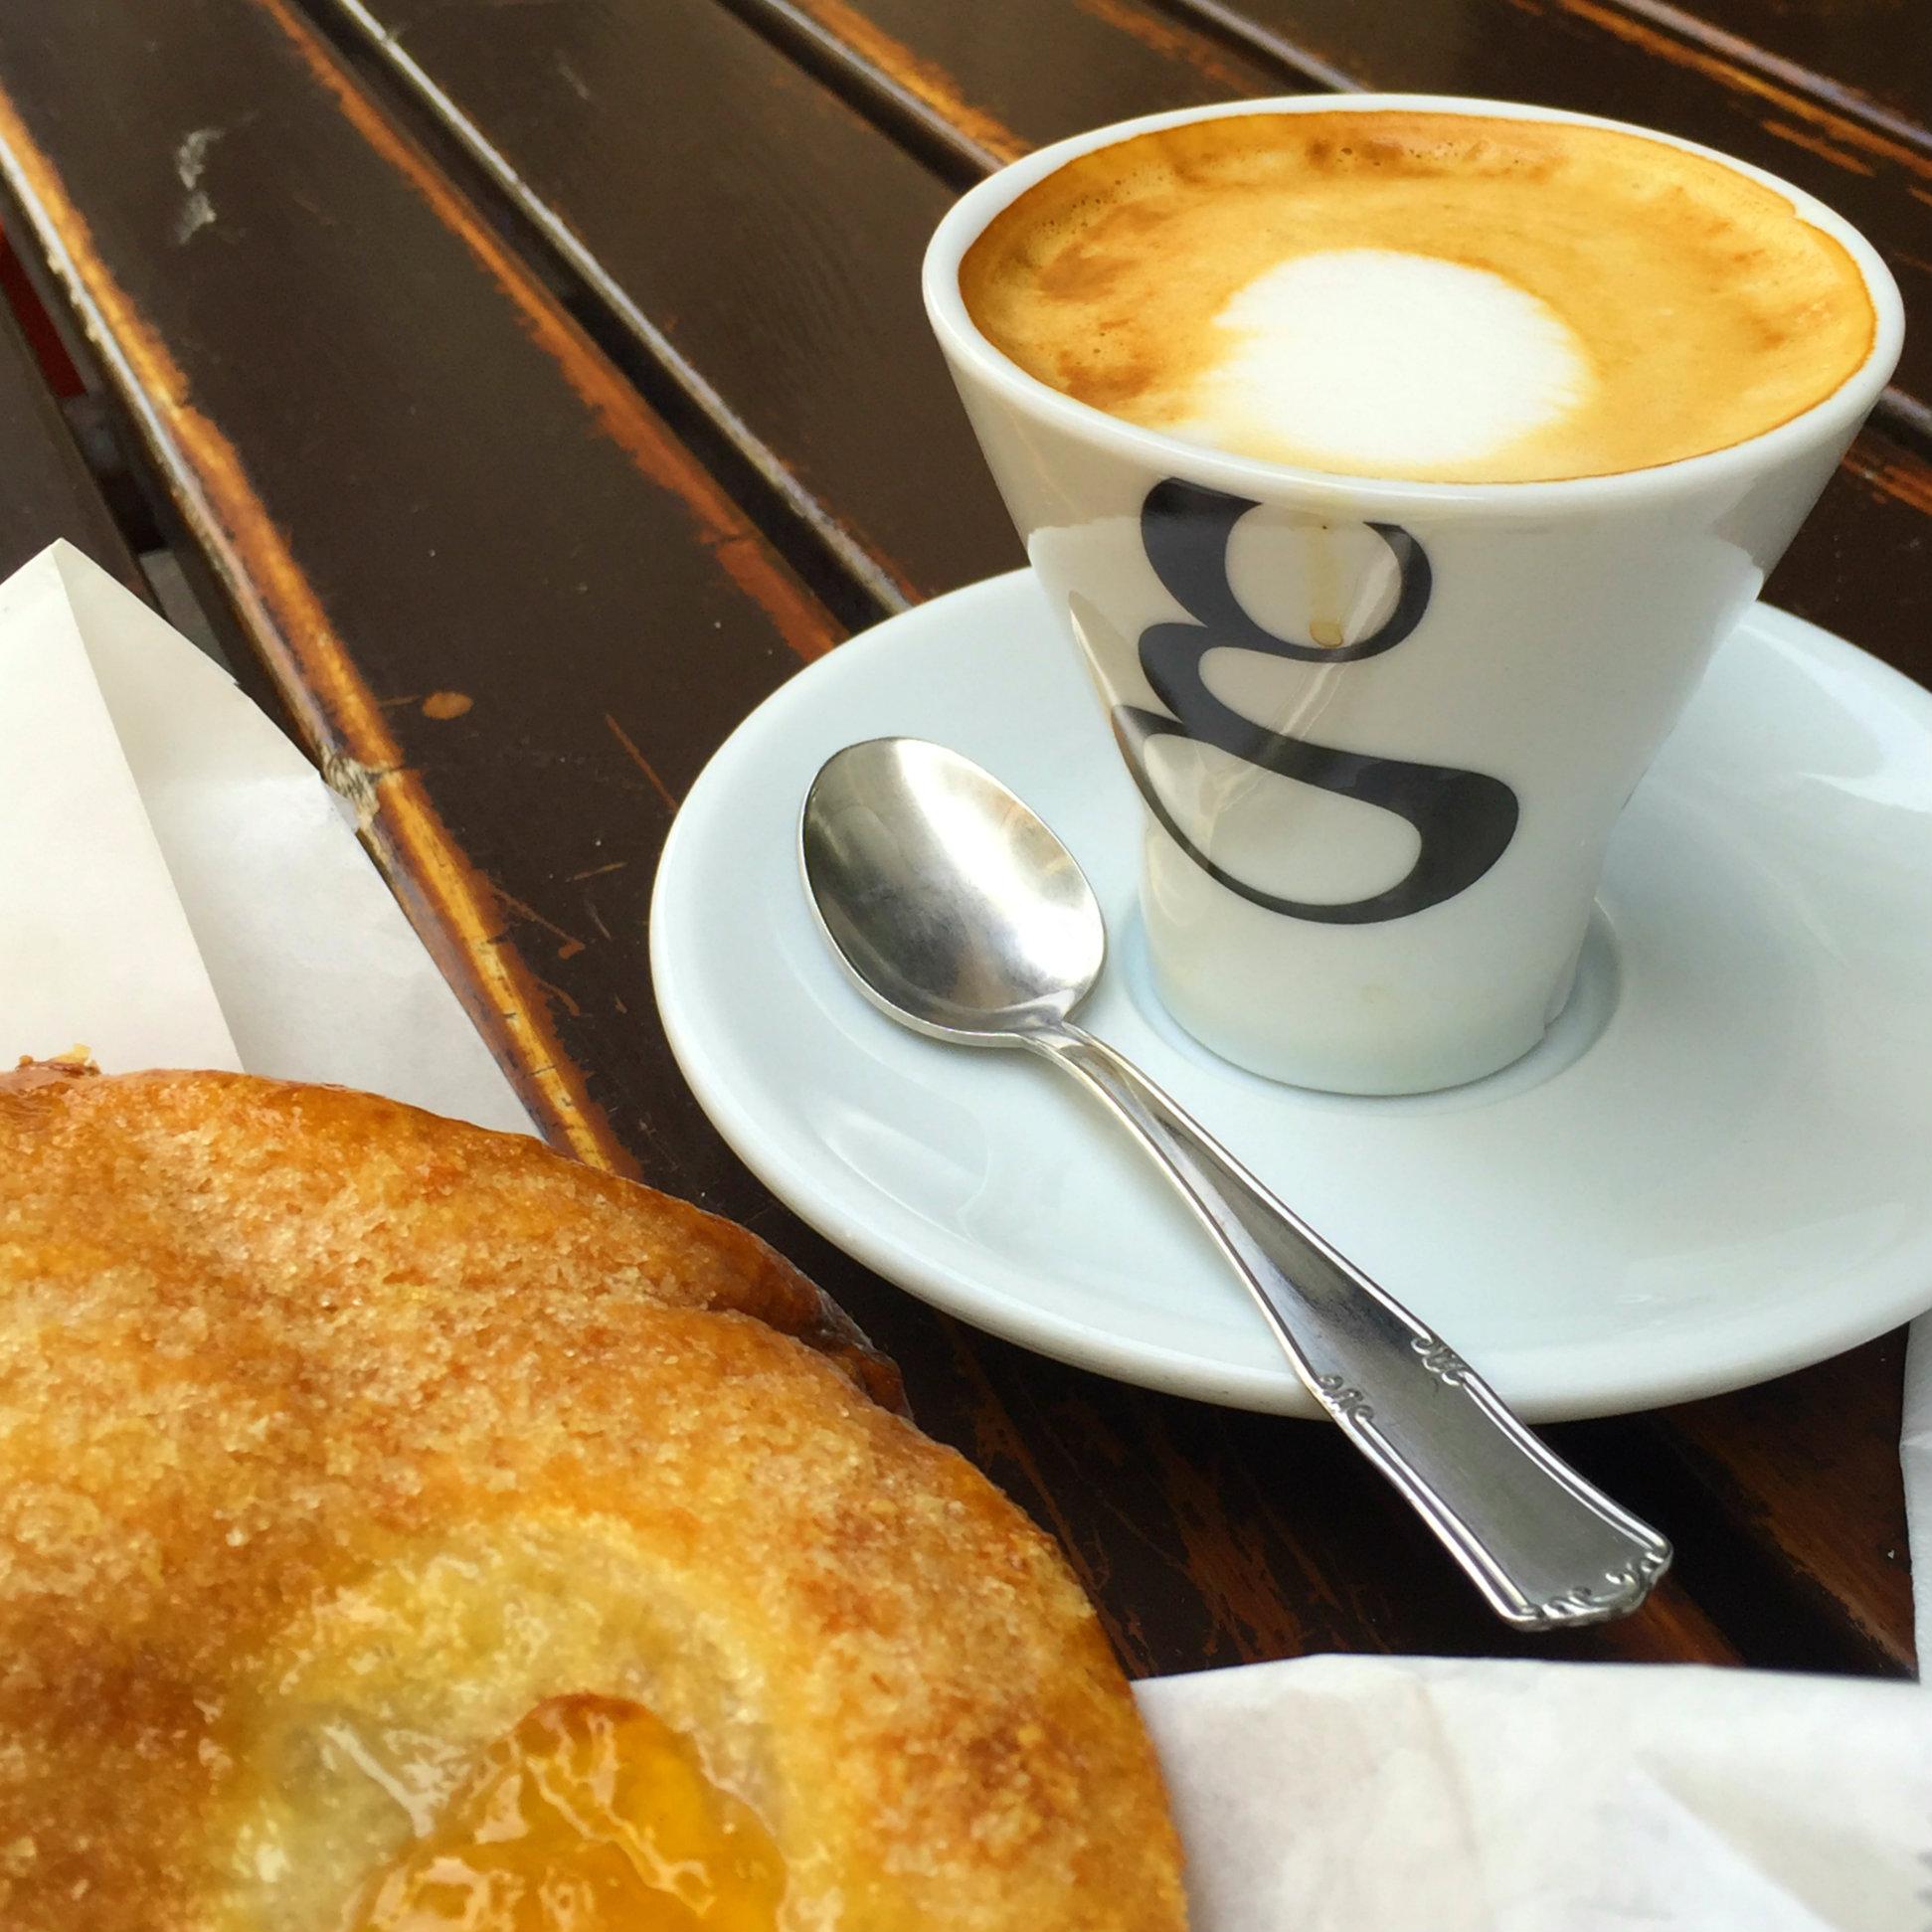 Cappuccino and apricot pastry, La Pasticceria Siciliana